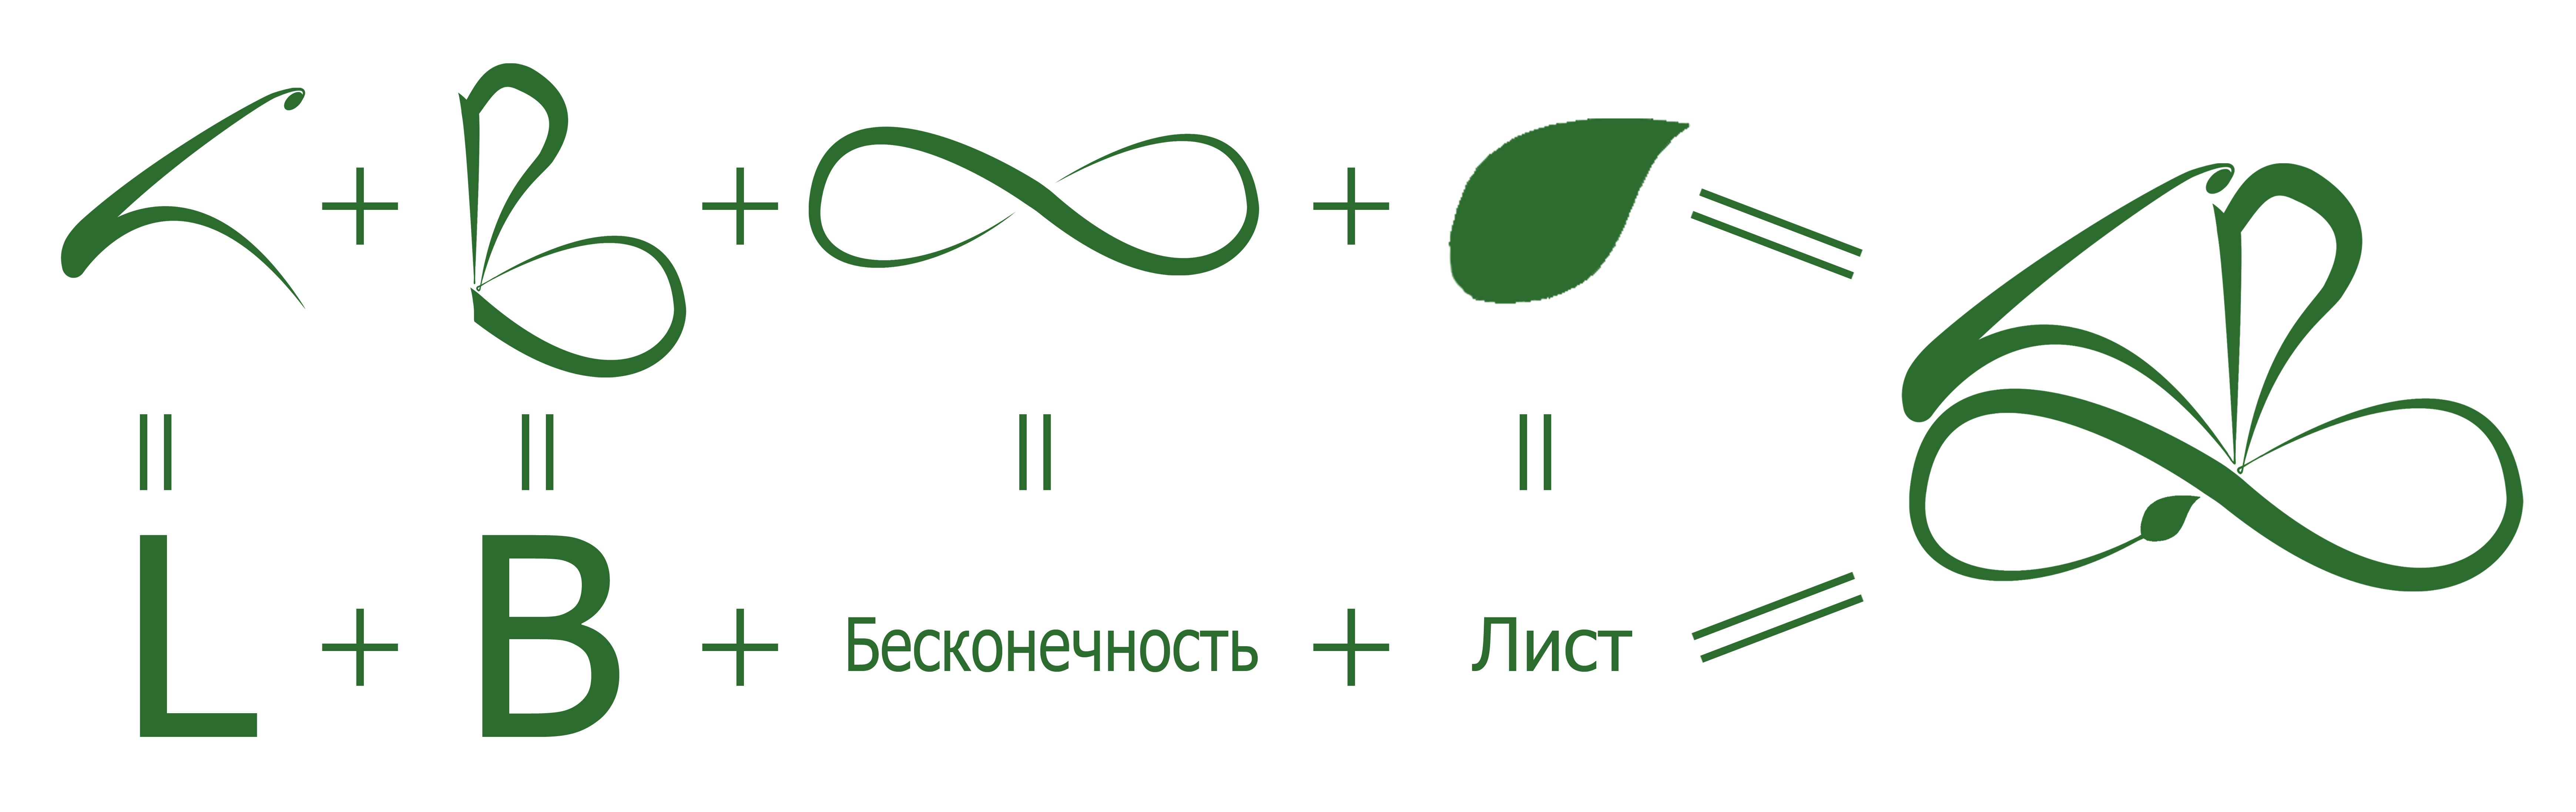 Разработка Логотипа. Победитель получит расширеный заказ  фото f_4765c2e8e3529436.jpg